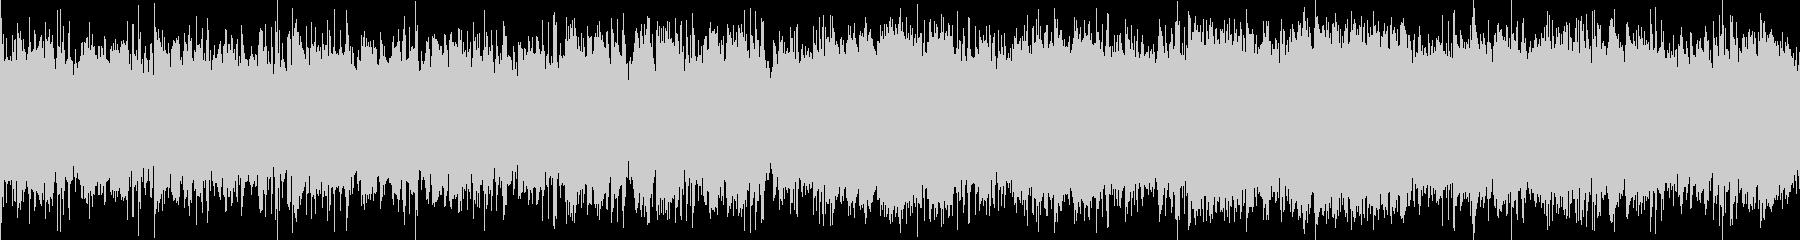 アイリッシュ調の陽気なLoop物インストの未再生の波形